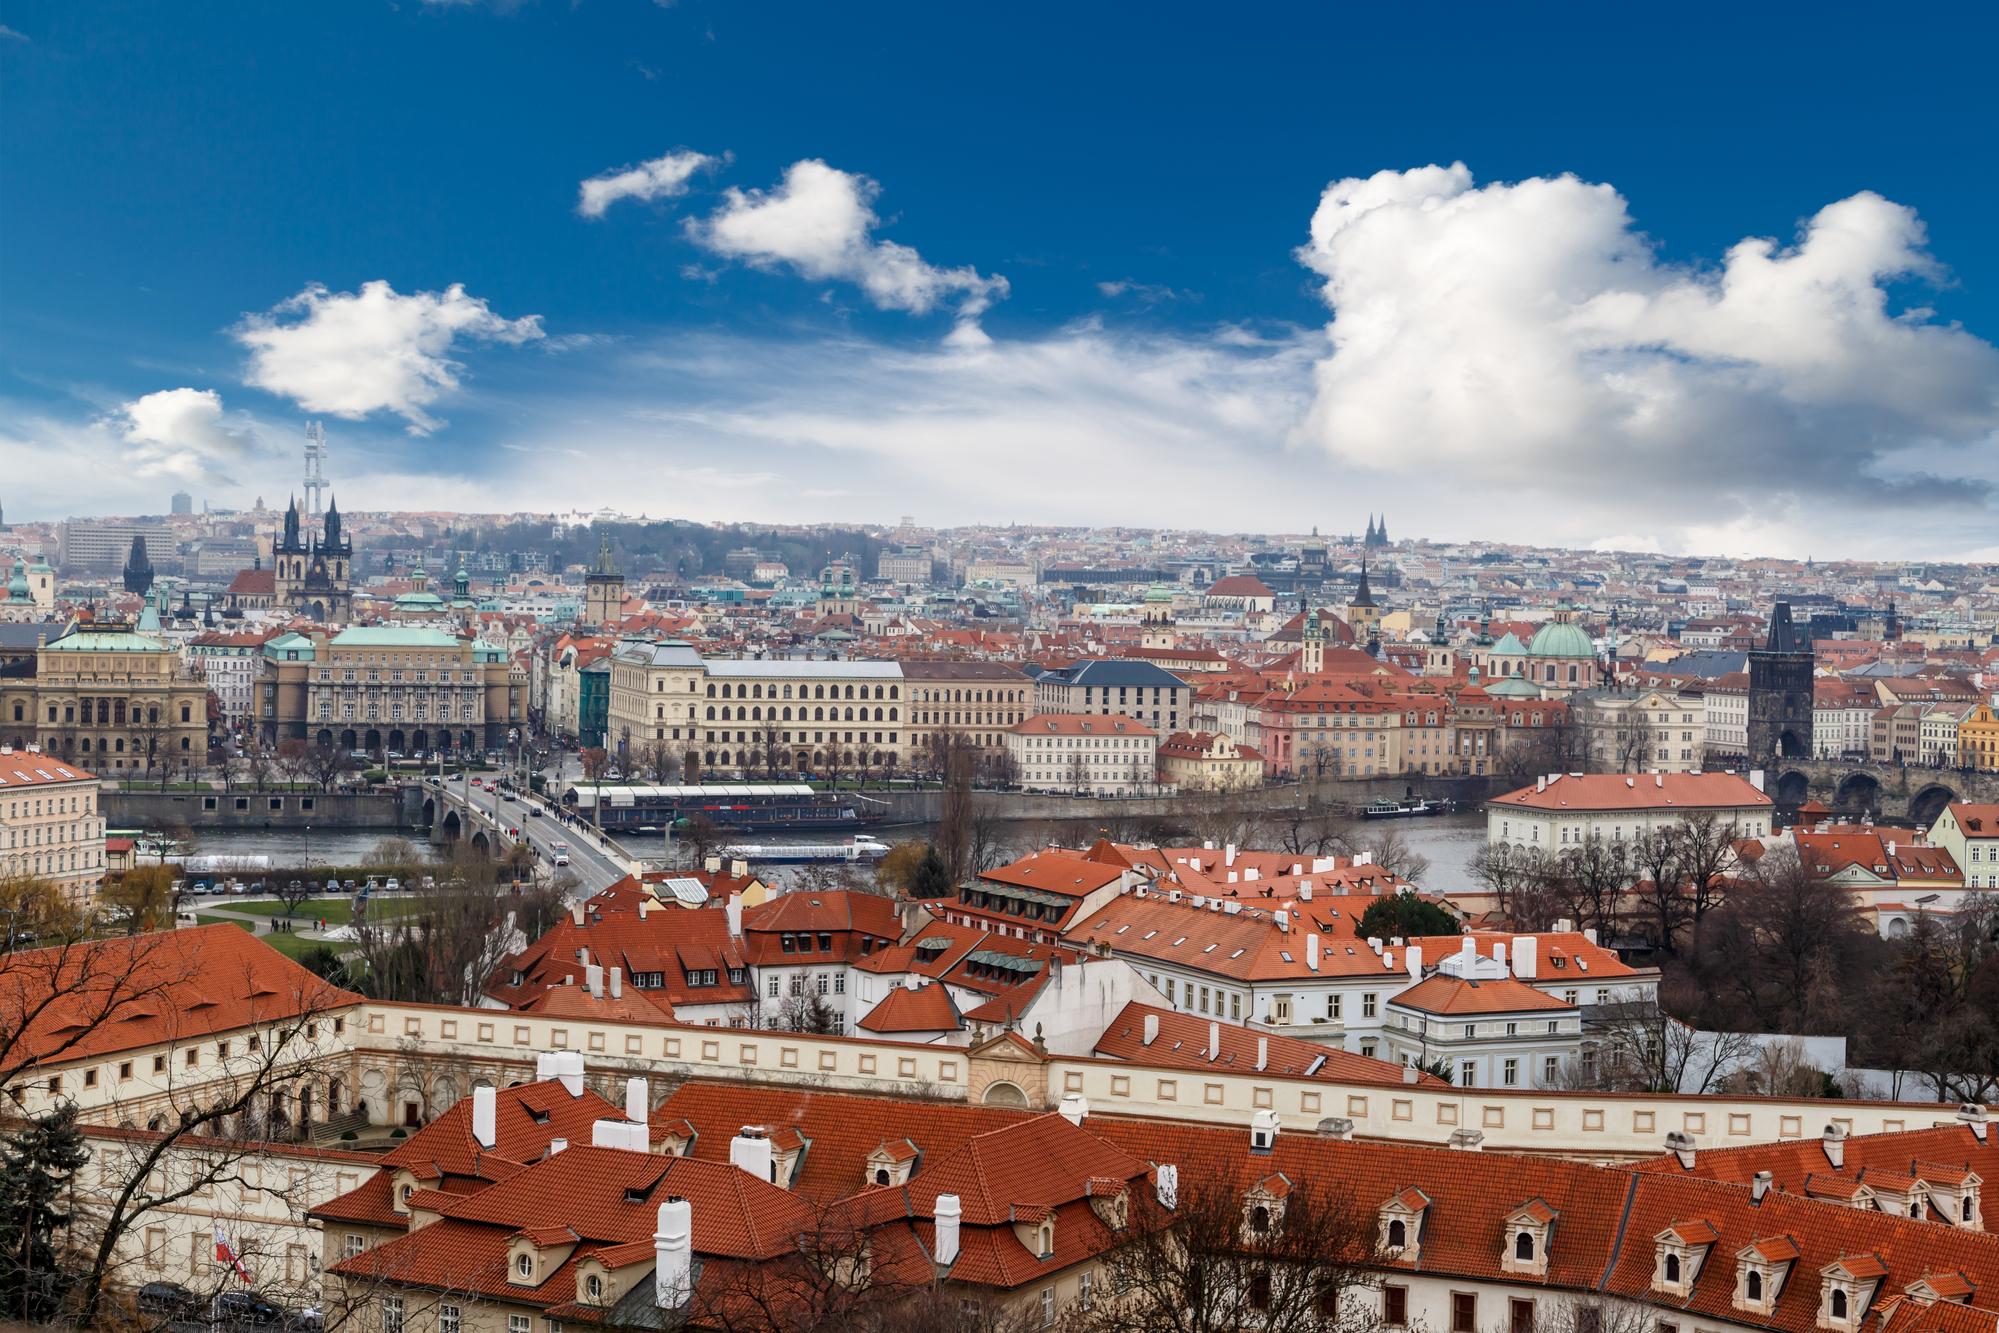 Byt v Praze je pro mnohé snem. Obvykle začínáme menším a později si s rodinou pořizujeme větší bydlení.